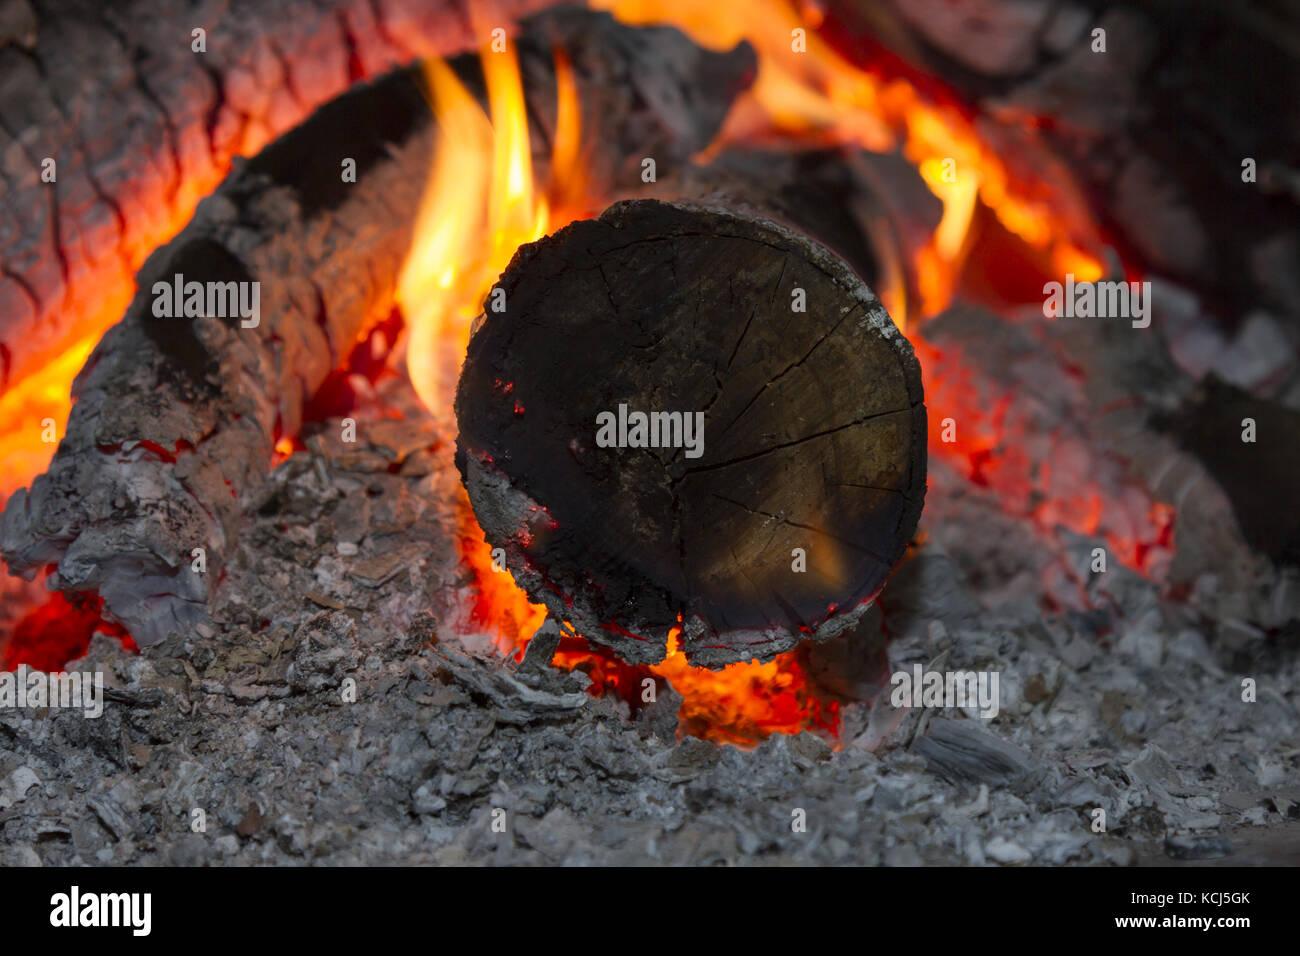 wood burning stove stock photos u0026 wood burning stove stock images